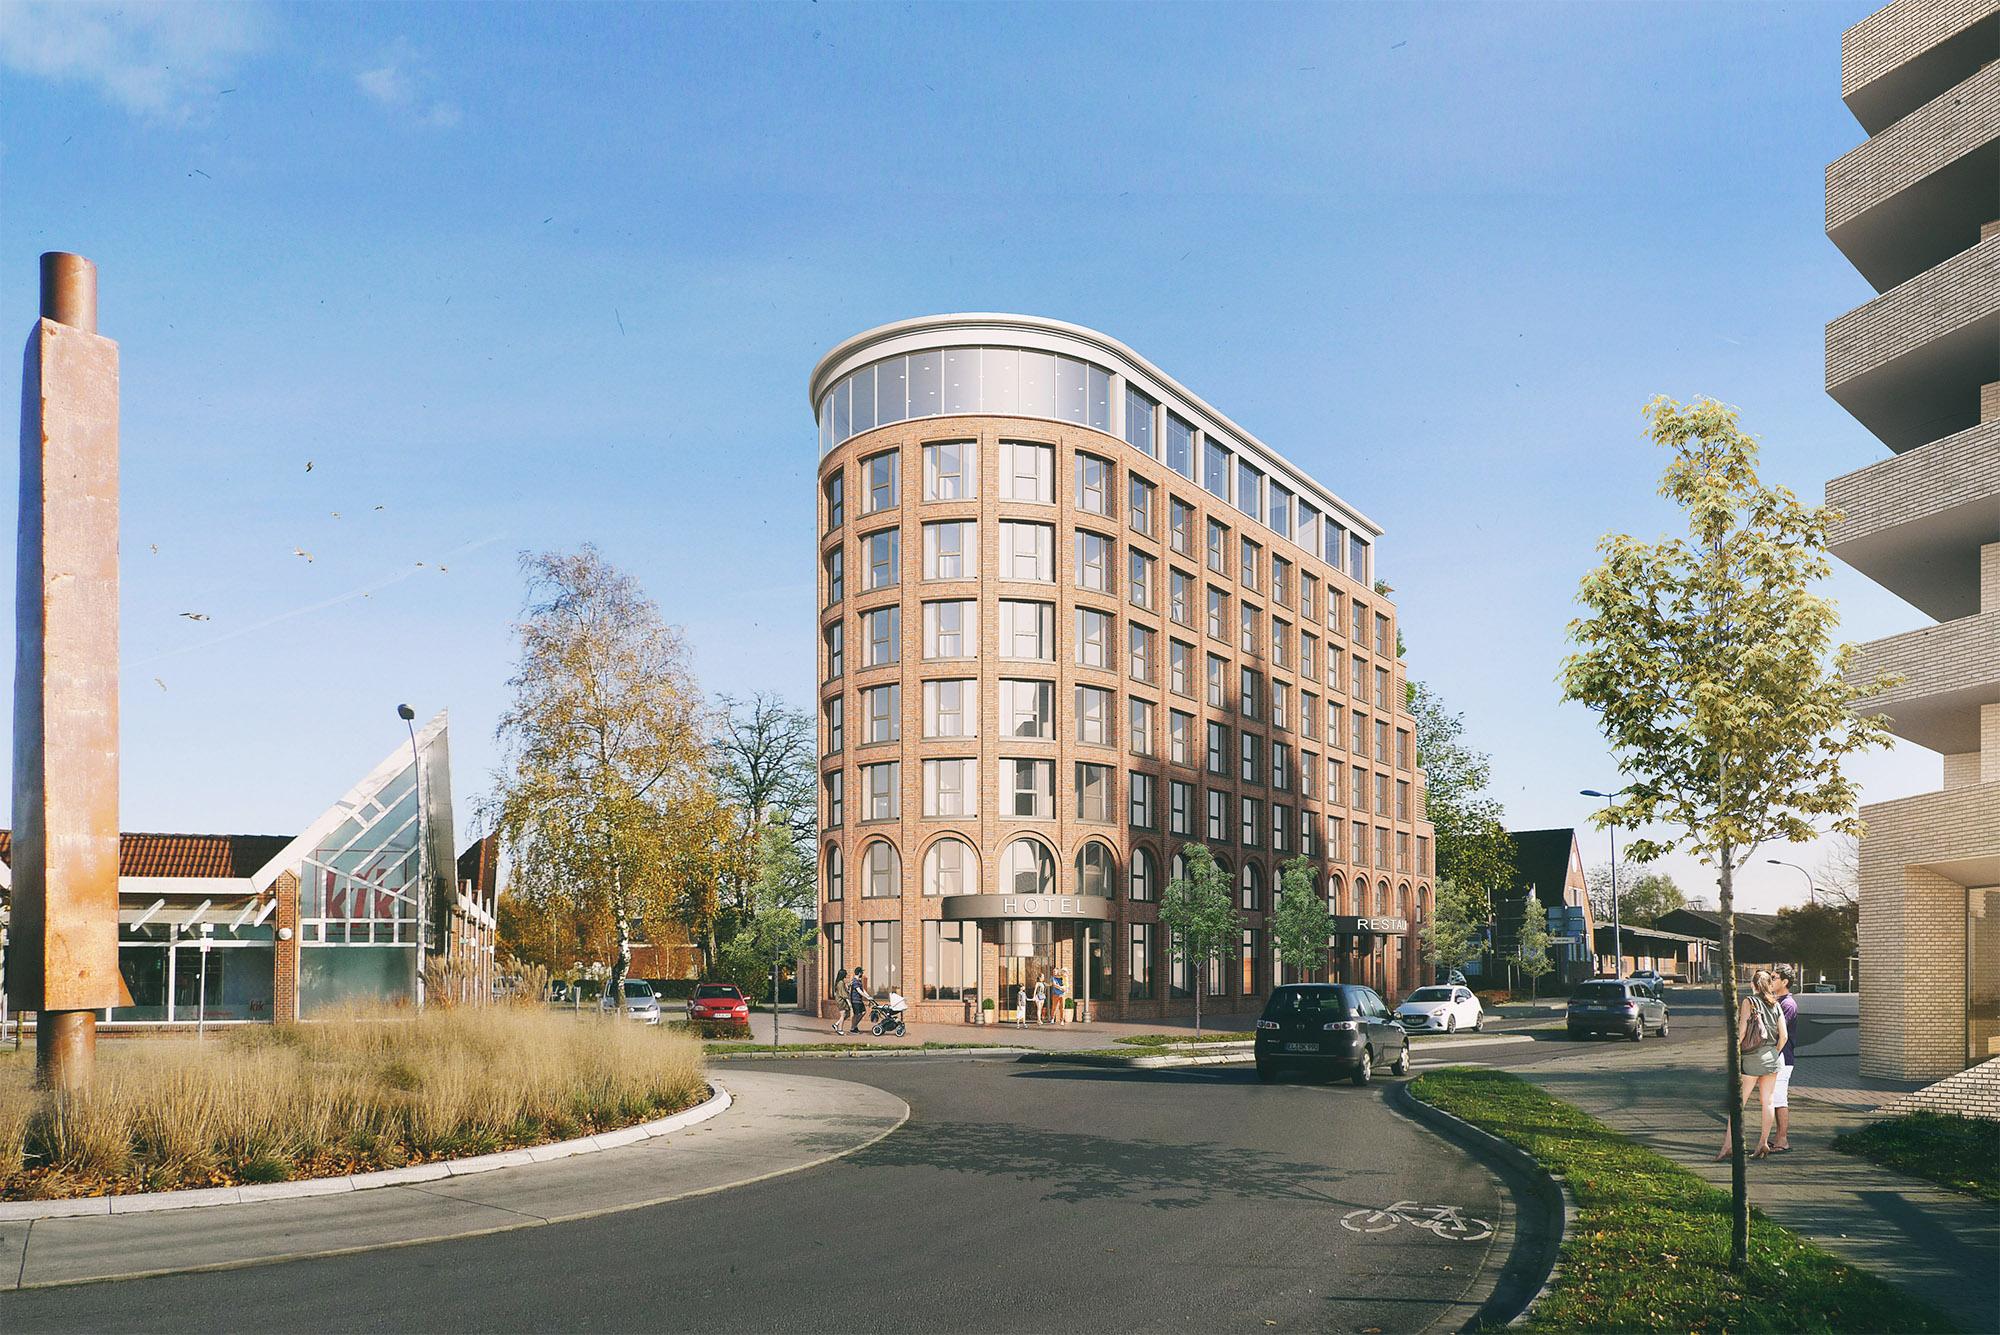 mojoimages architekturvisualisierung Eden Architekten Hotel Dock Leer 2019